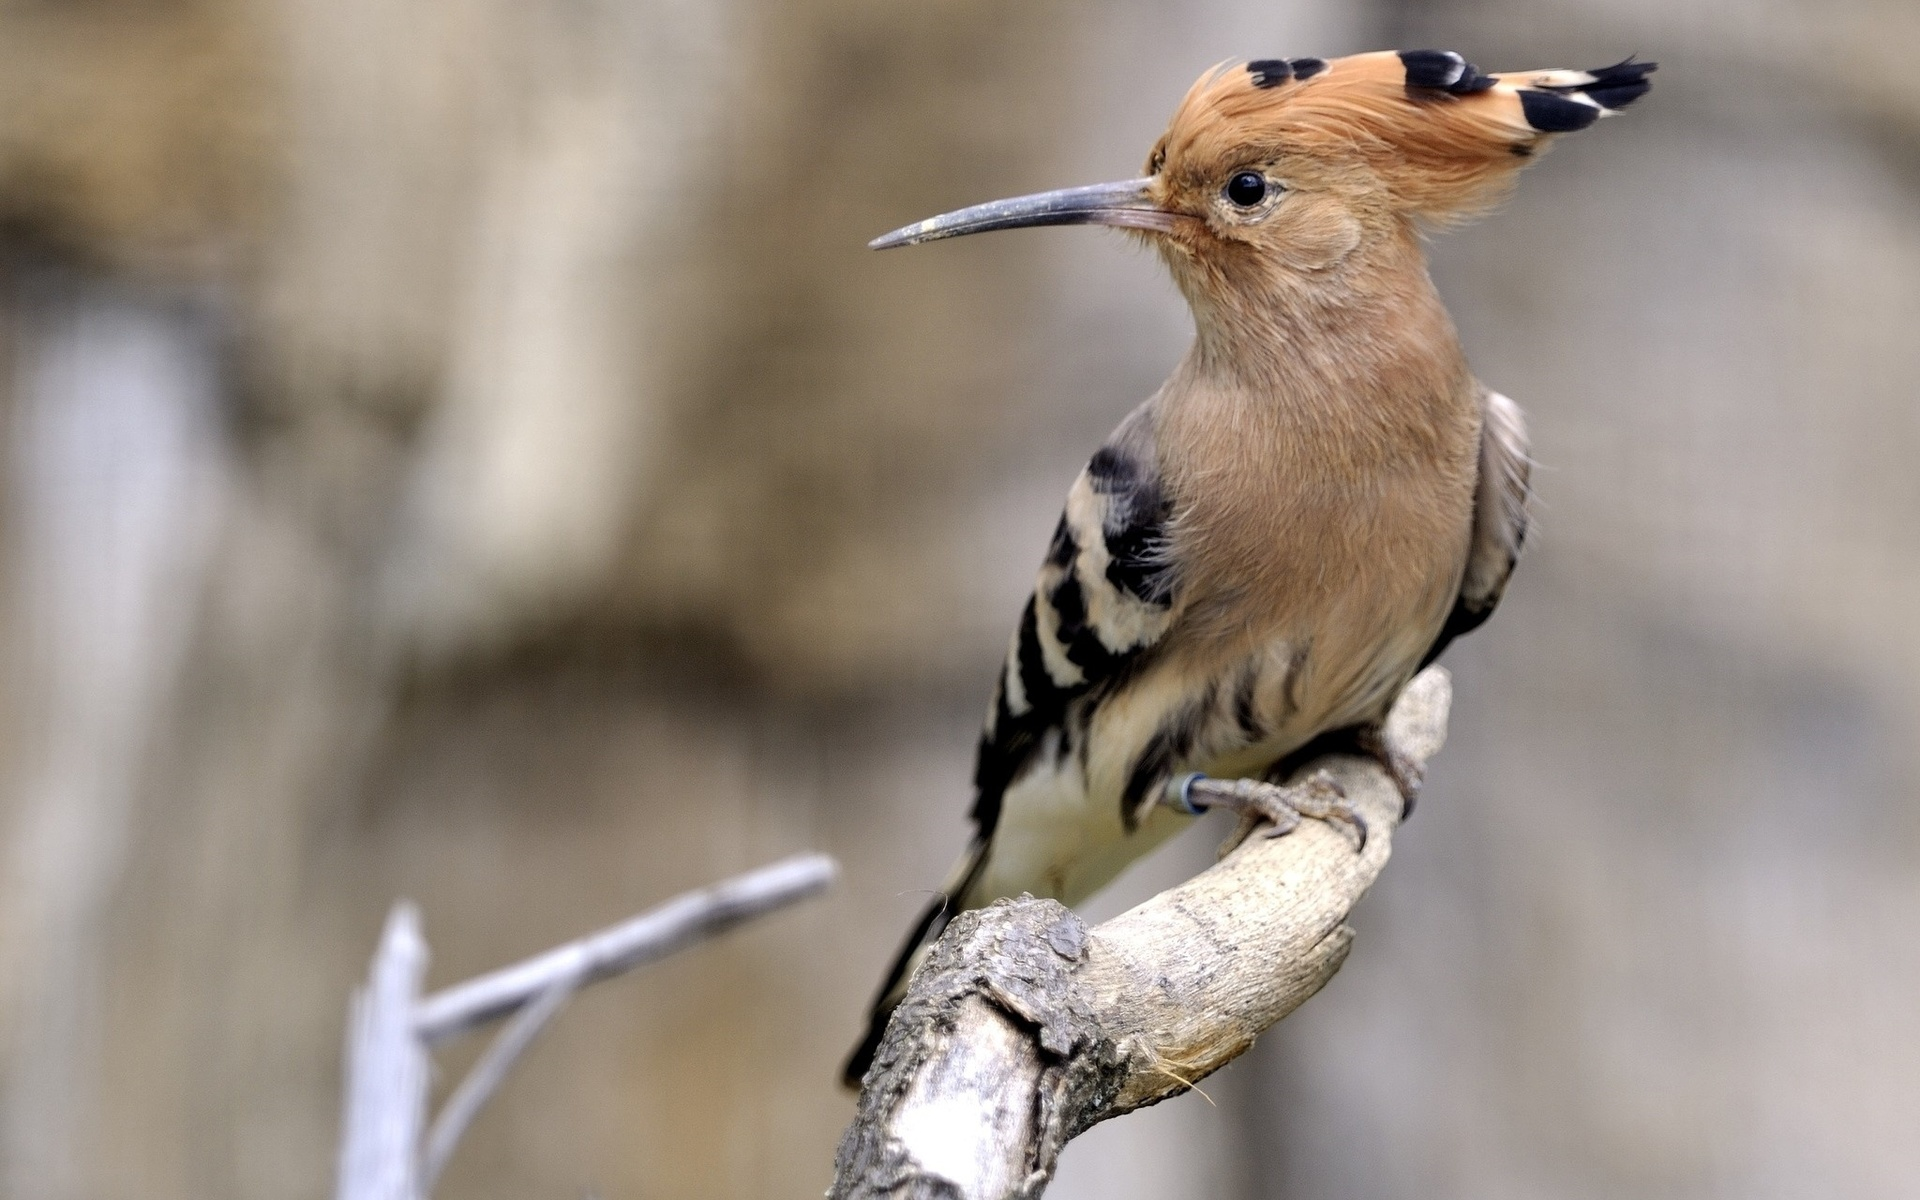 сюжету картинки удод птицы прошлом